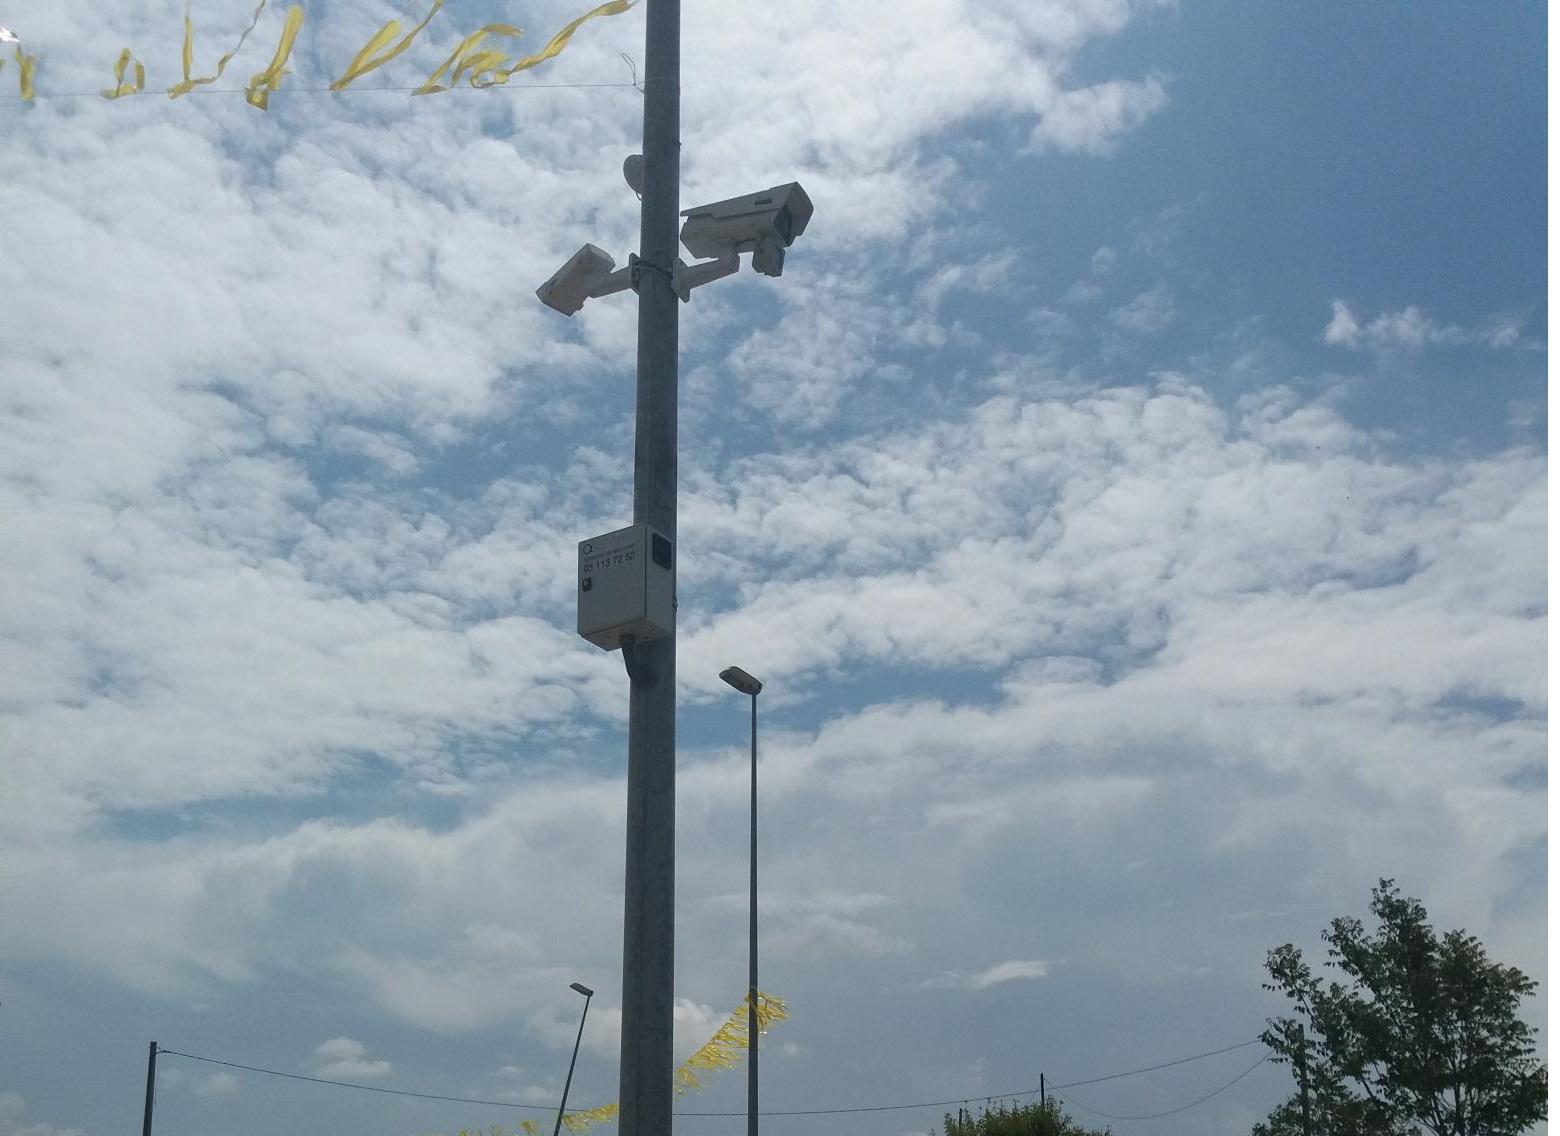 Les càmeres amb lectors de matricules a Guissona desarticulen les bandes de robatoris al municipi.